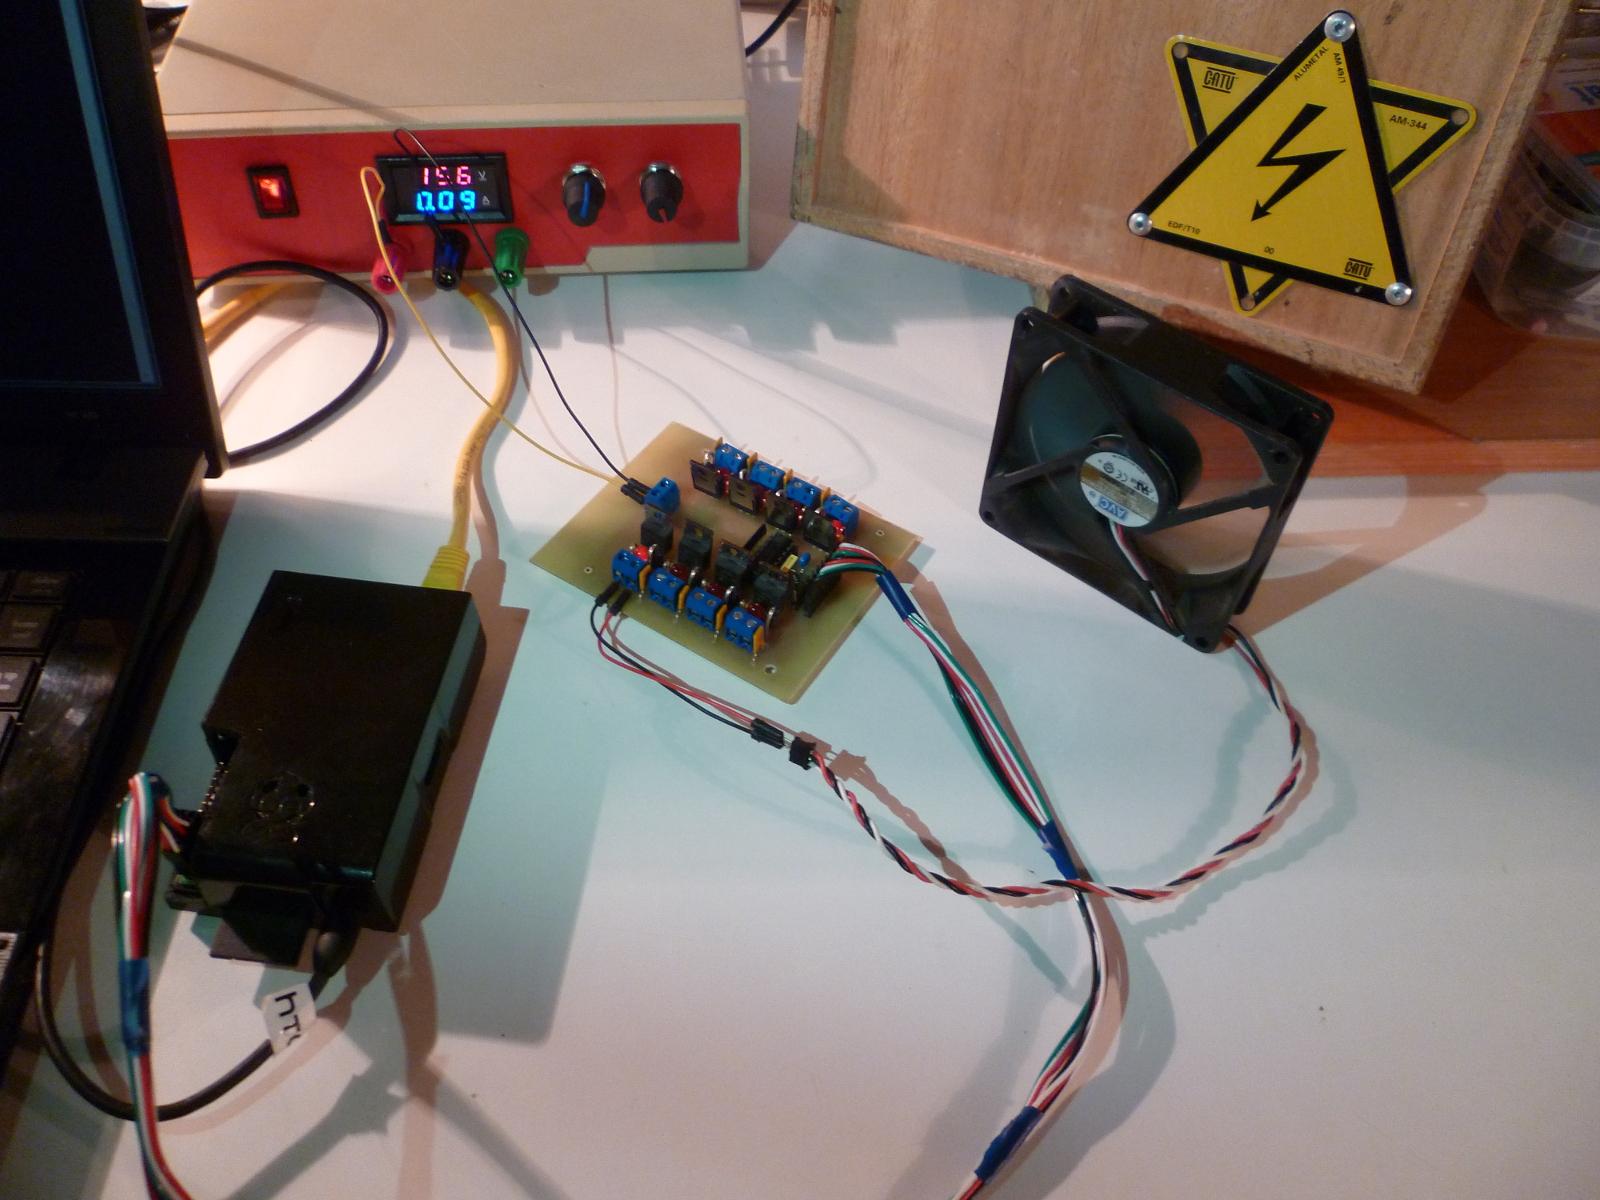 Démonstration ventilateur controlé par Raspberry Pi avec BOB